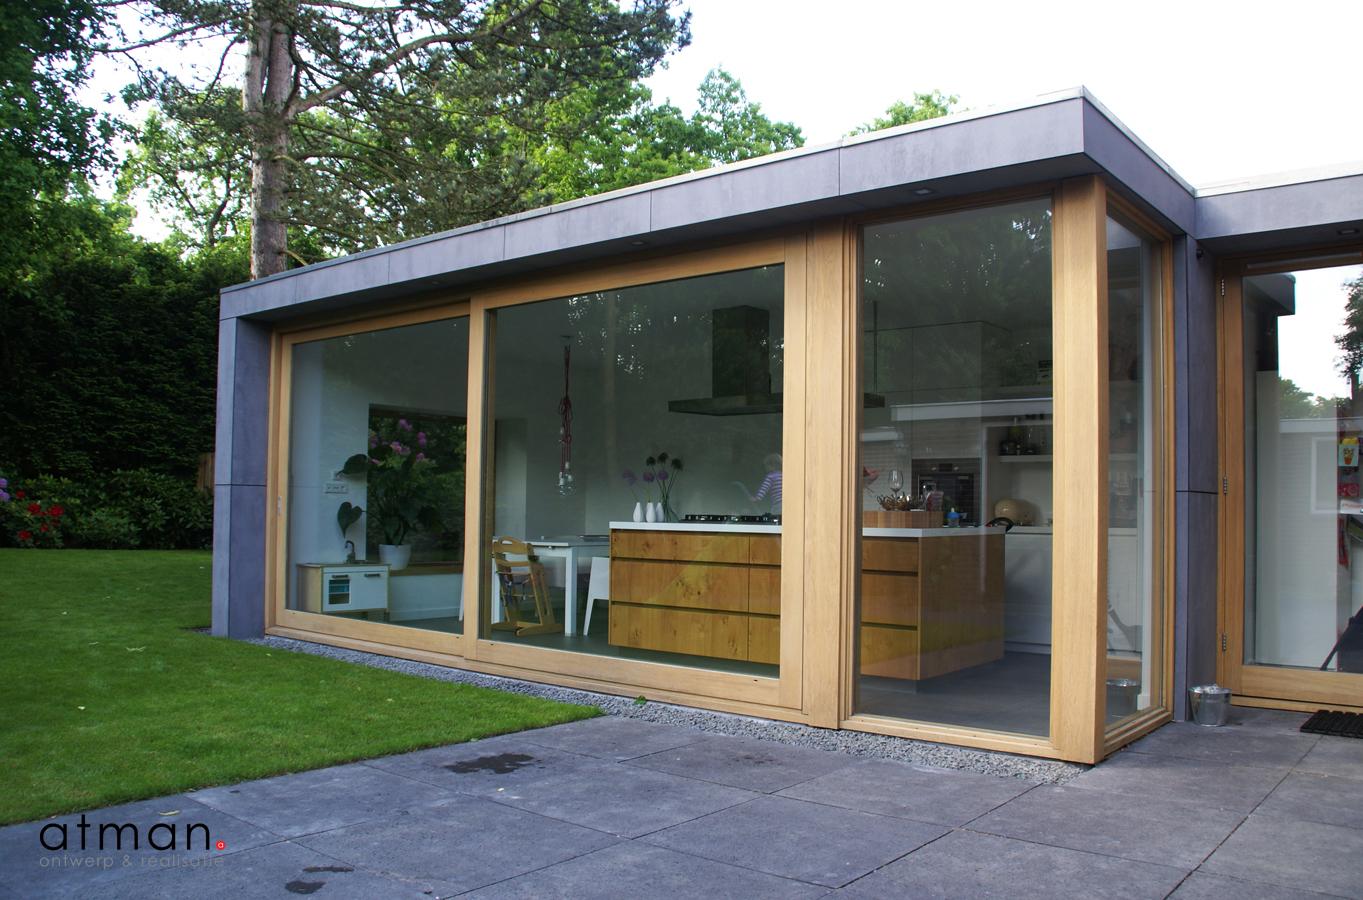 Papenburghlaan santpoort zuid atman ontwerp realisatie - Huis in de tuin ...